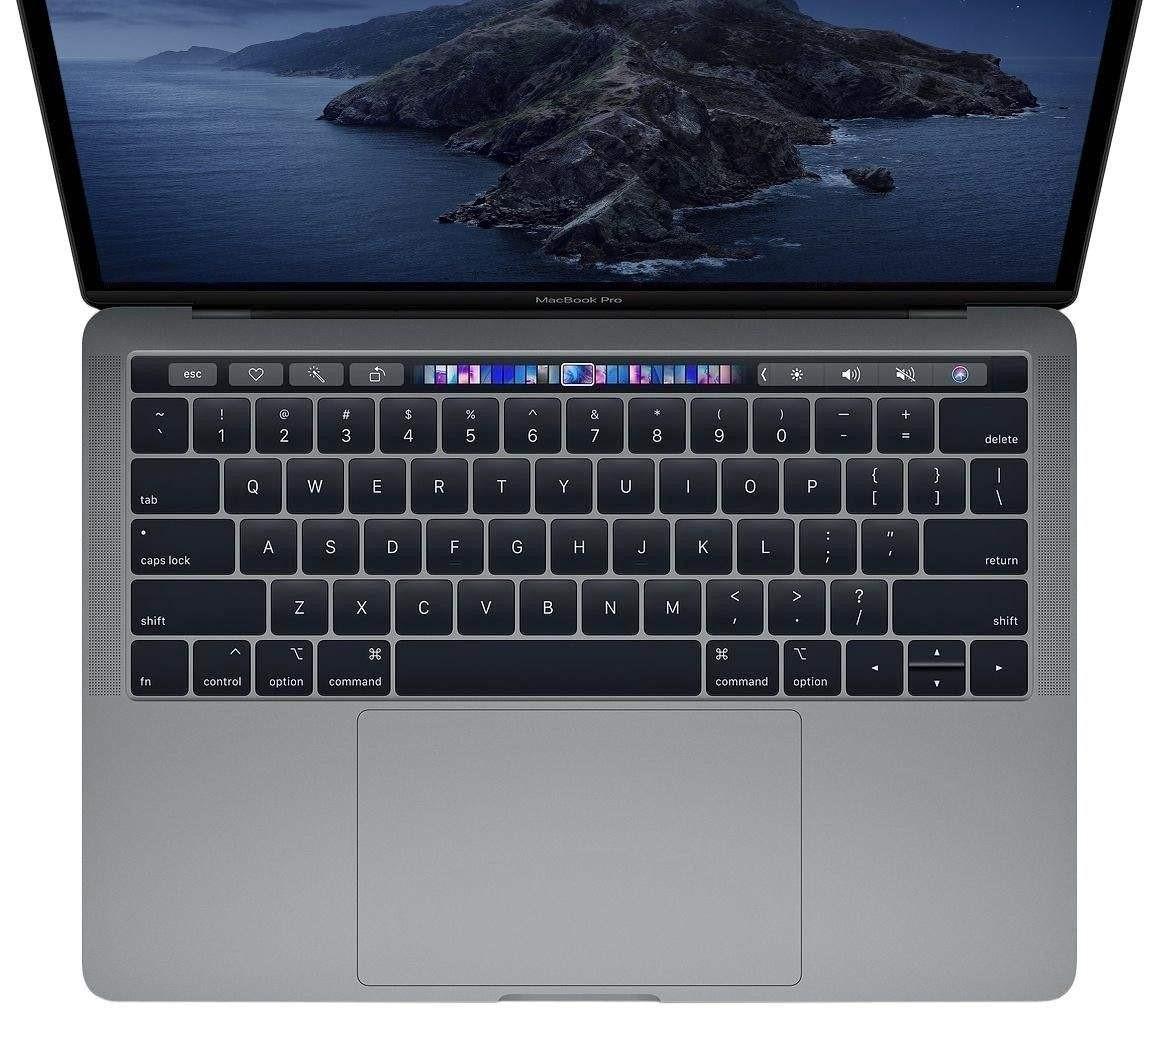 لپ تاپ 13 اینچی اپل مدل MacBook Pro MUHP2 2019 همراه با تاچ بار